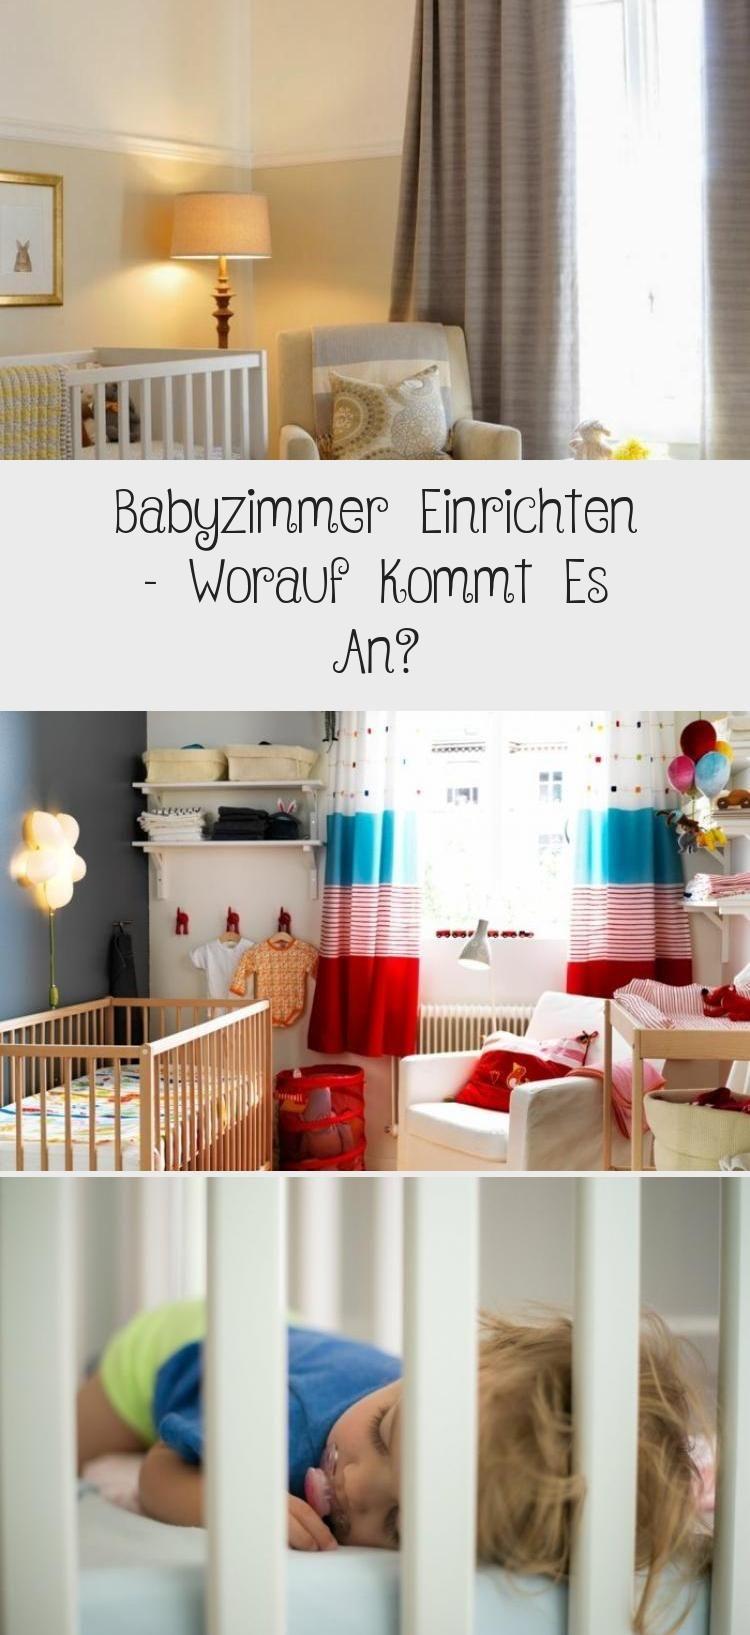 Babyzimmer Einrichten Worauf Kommt Es An Babyzimmereinrichtenmint Babyzimmereinrichtenwald Babyzimmereinrichtenkleines Babyzi In 2020 Home Decor Furniture Decor